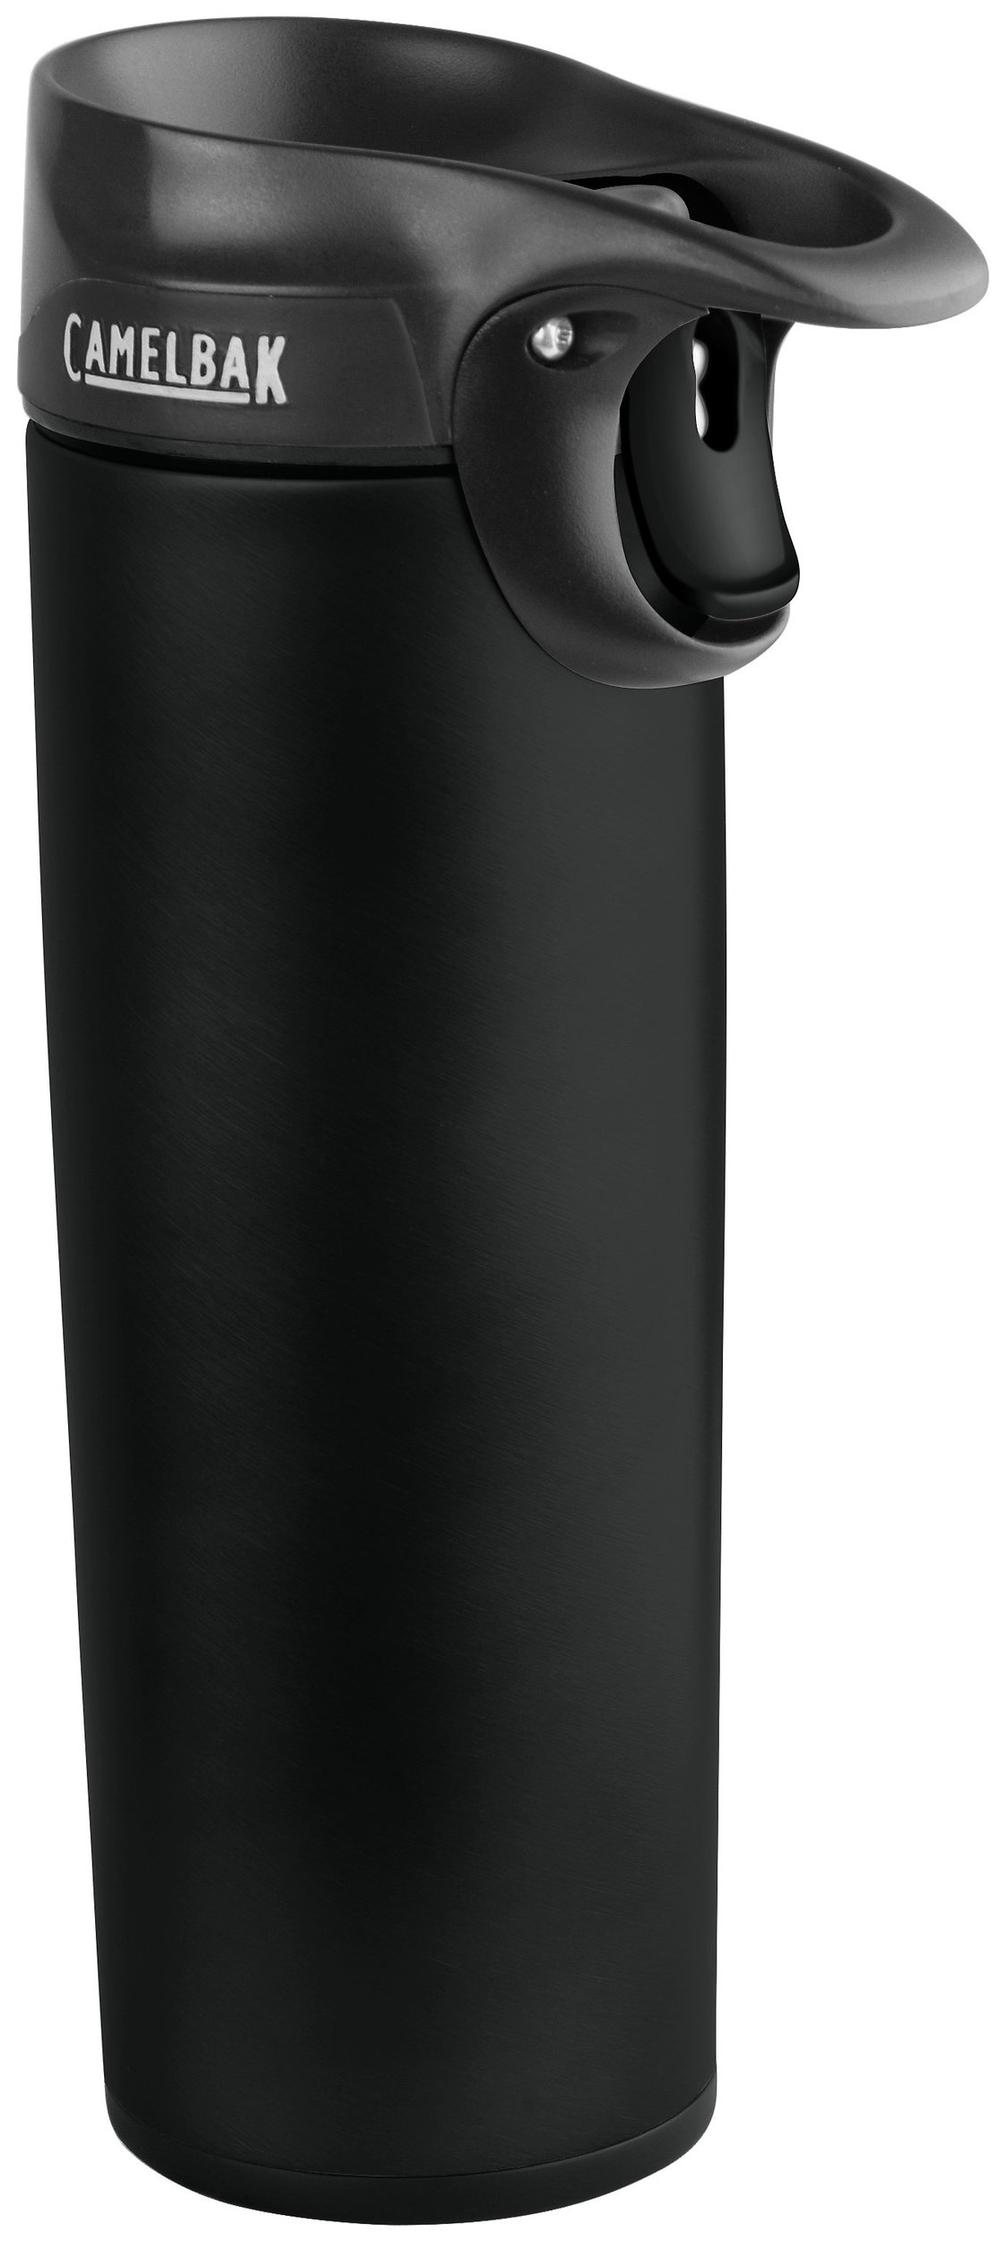 Camelbak Forge® 16oz Travel Mug, $30